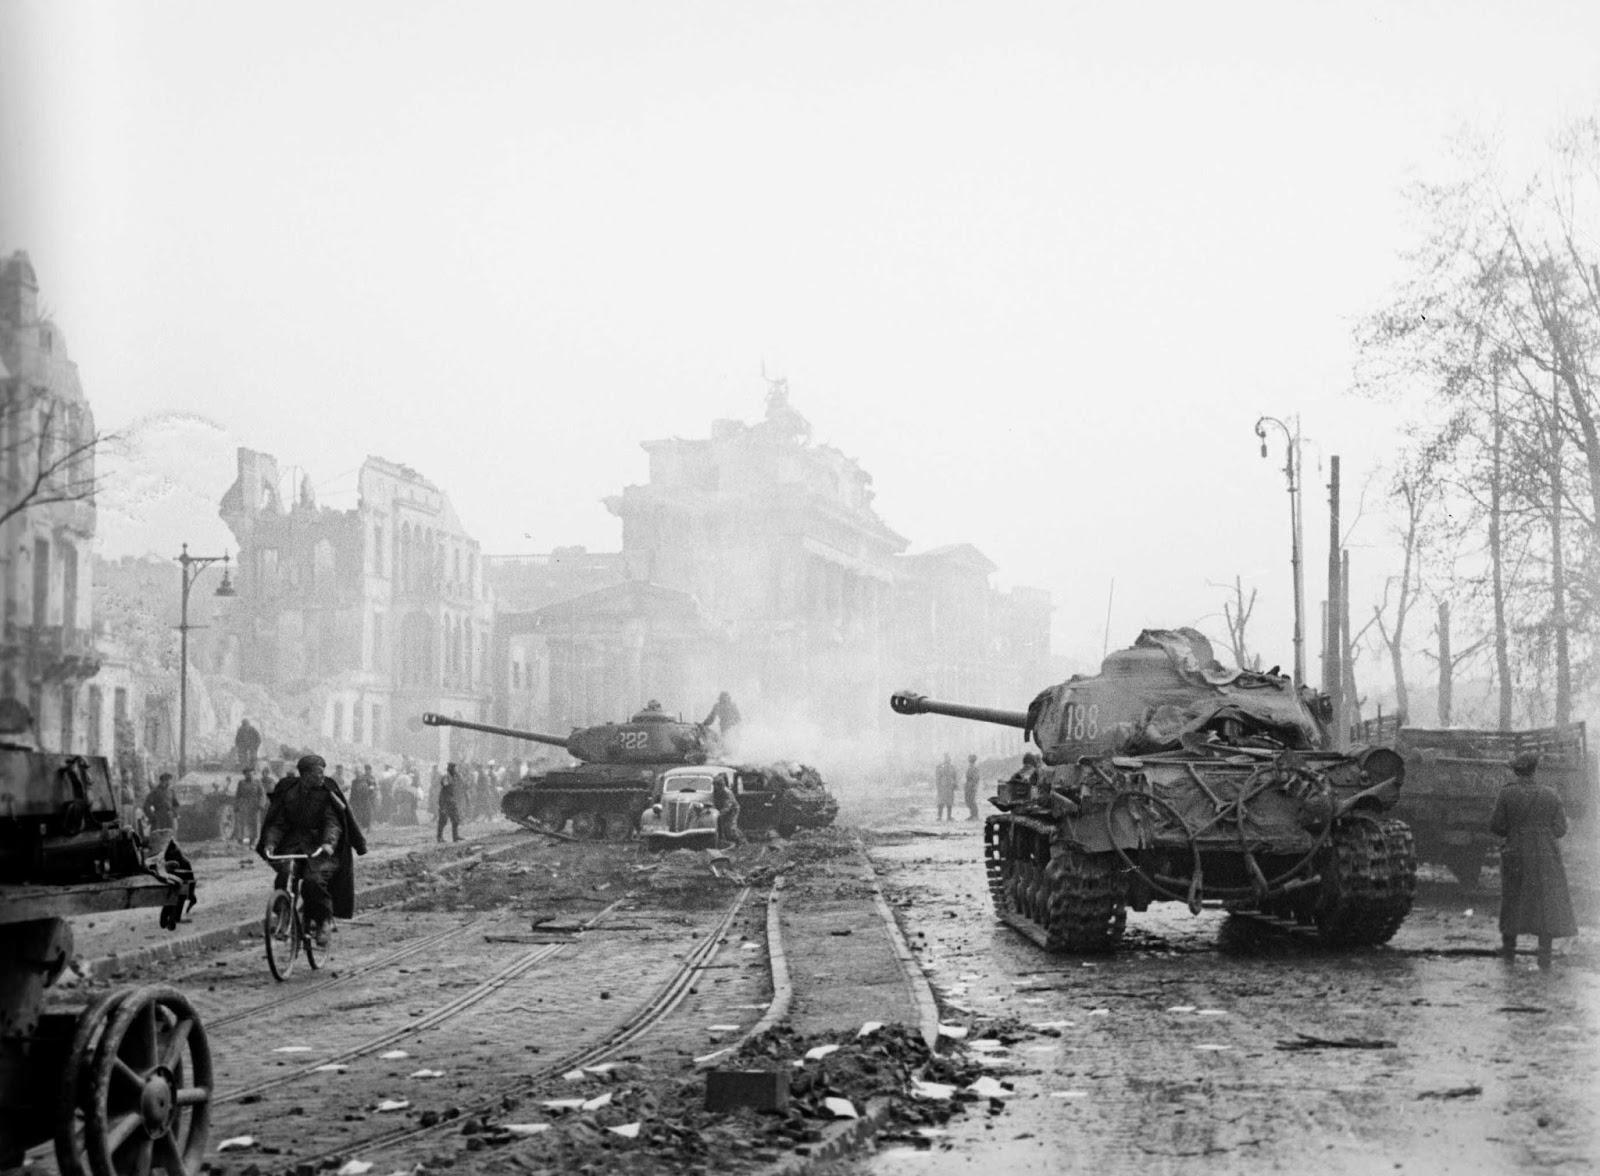 Những cuộc kháng cự cuối cùng của phát-xít Đức trước Liên Xô